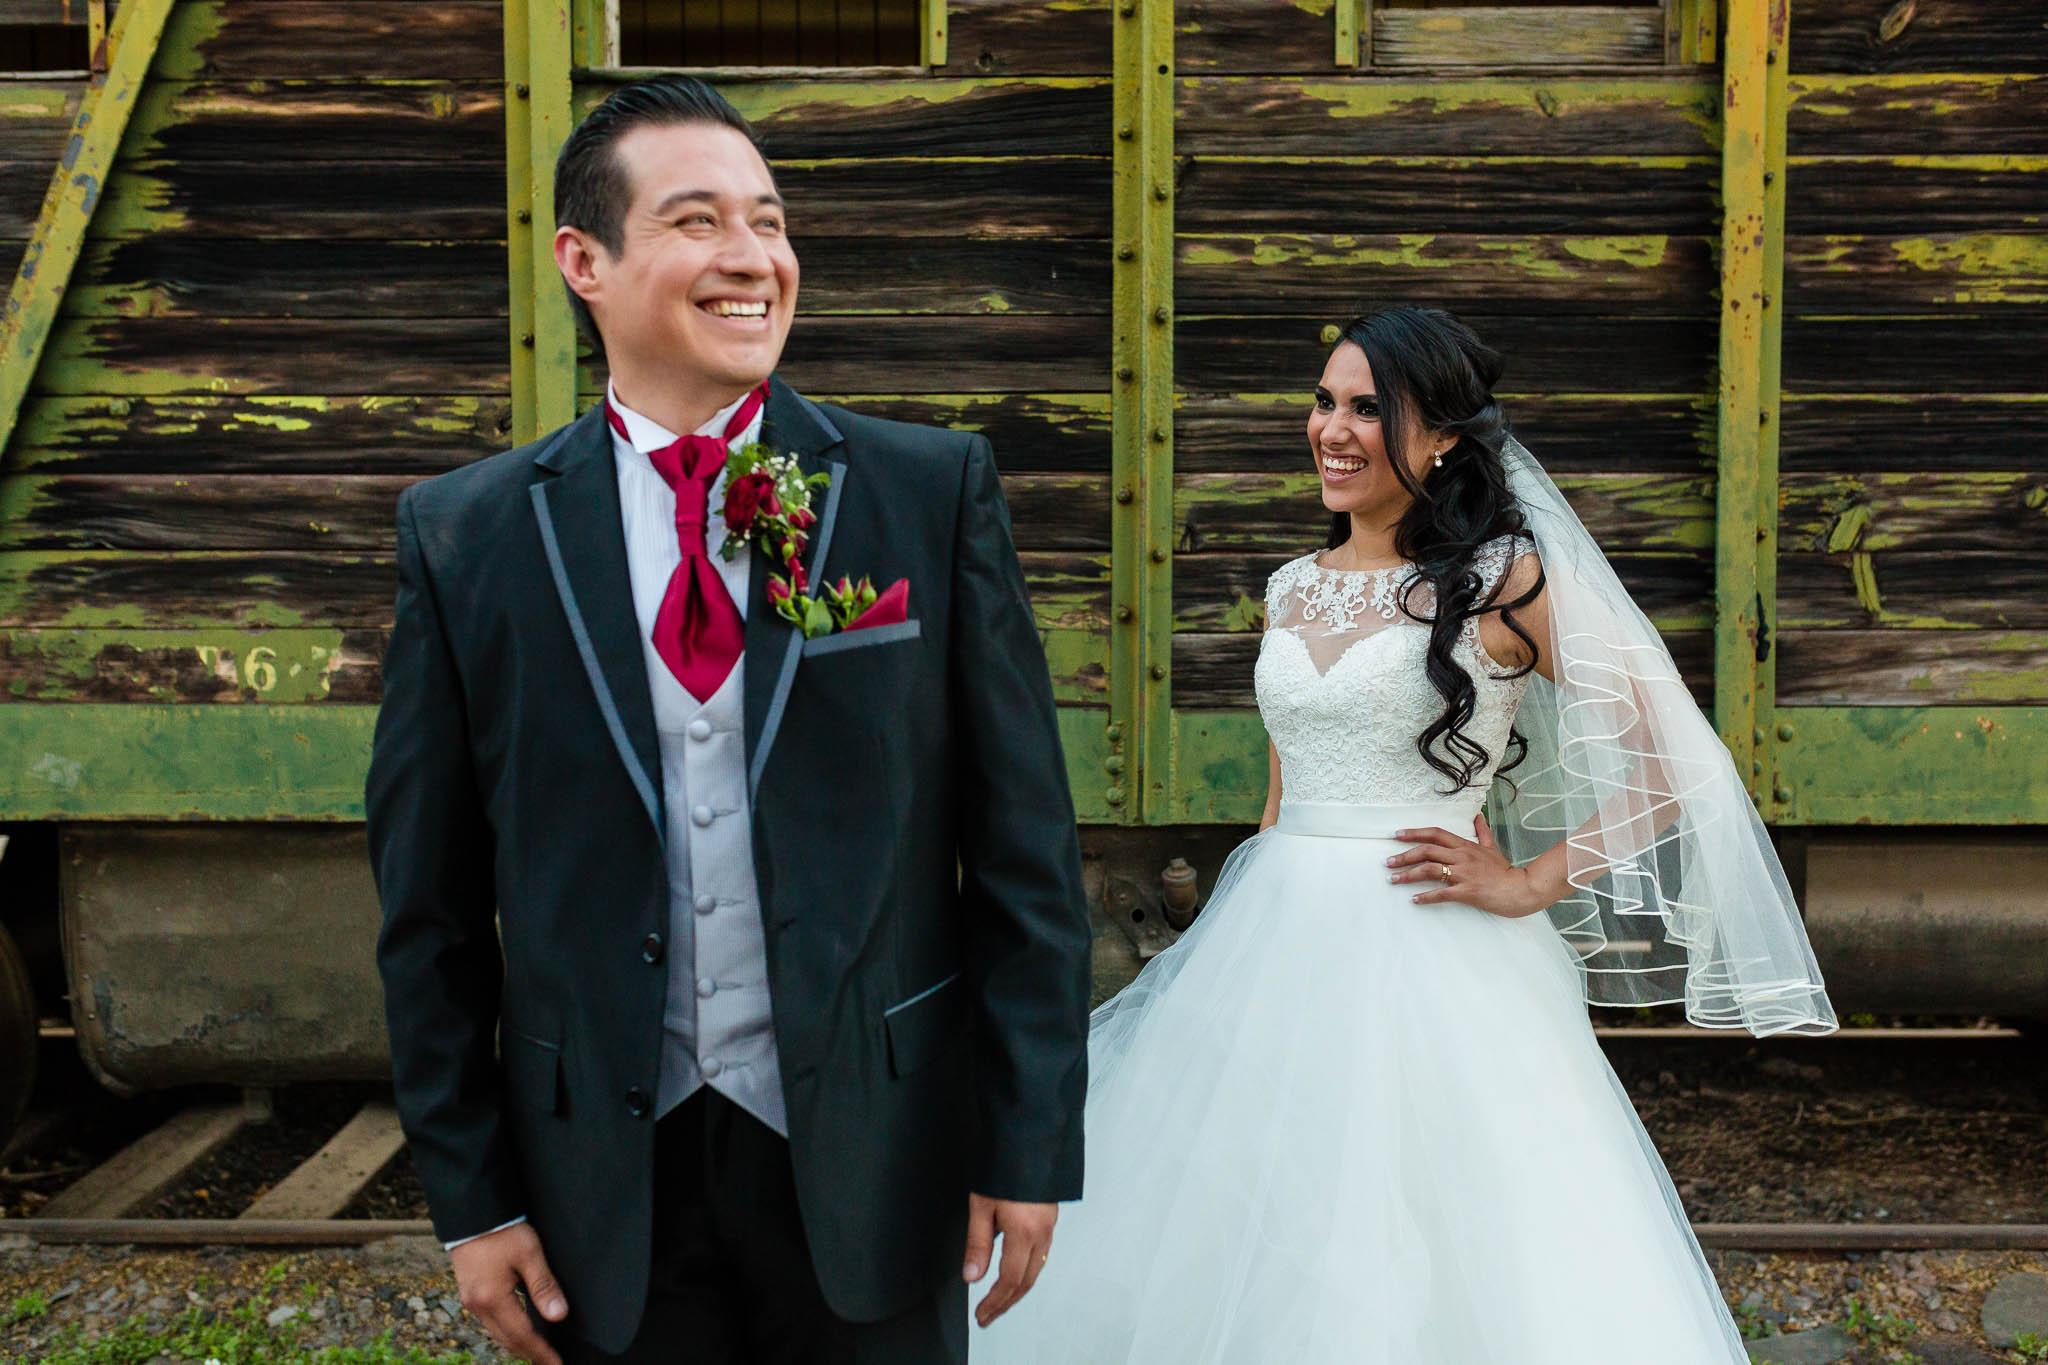 fotografo de bodas san luis potosi boda mexico wedding destination fotos de boda 149